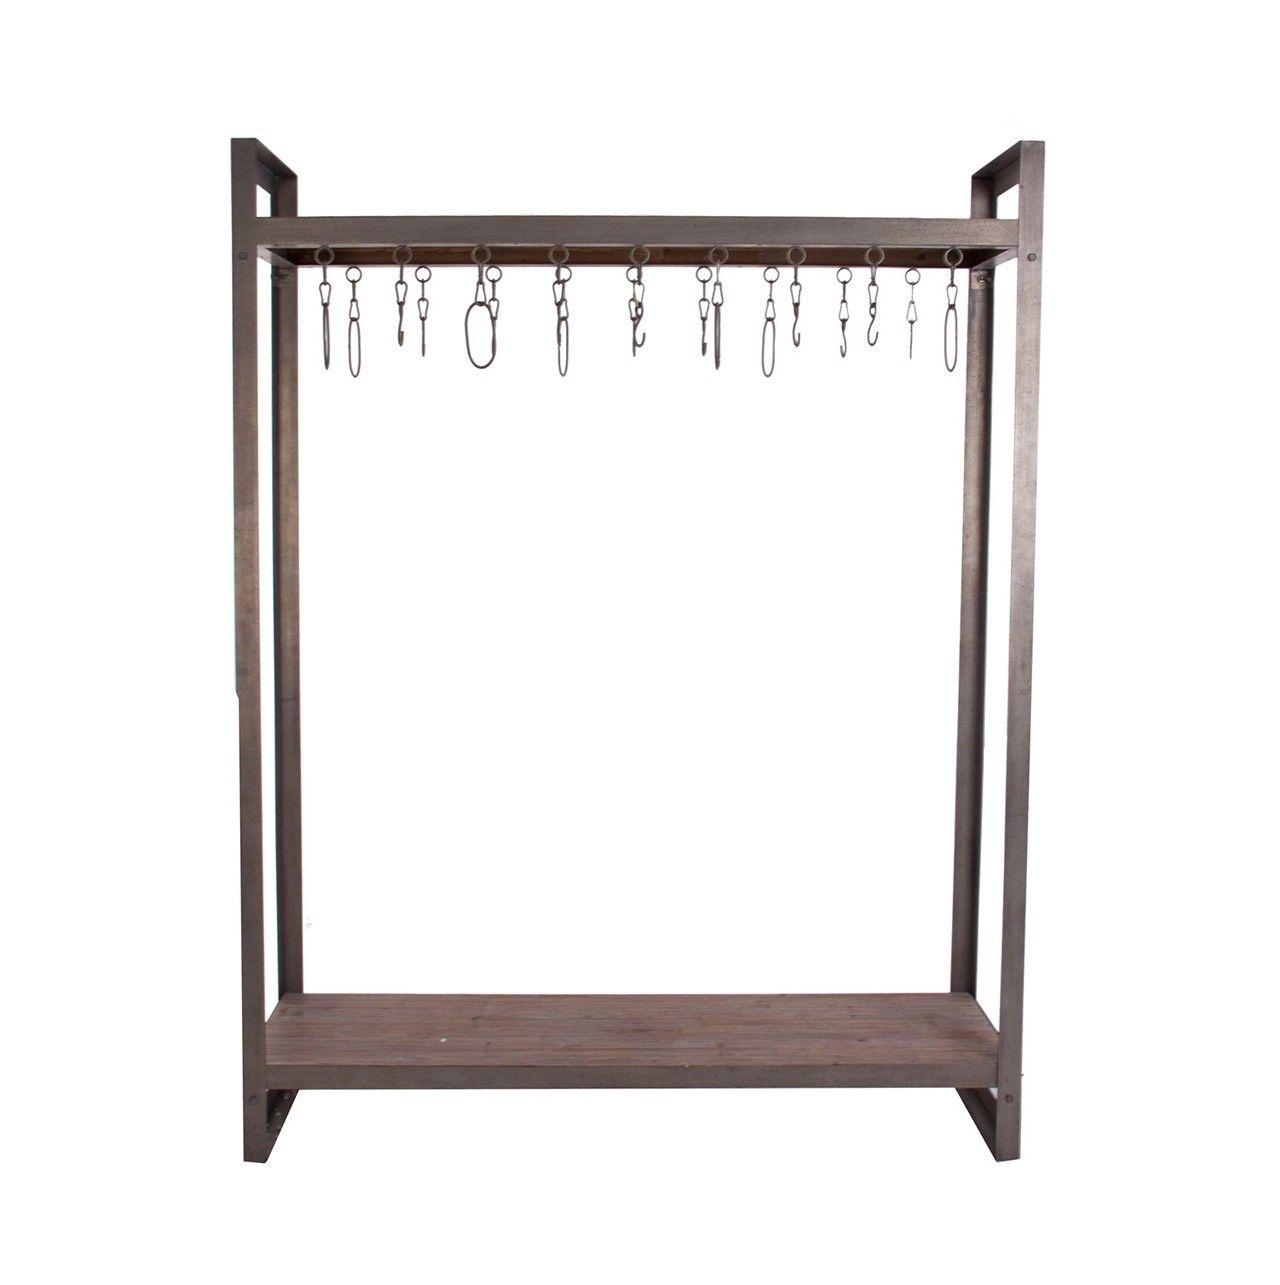 Perchero de metal y madera olhom metal y madera - Percheros de metal ...